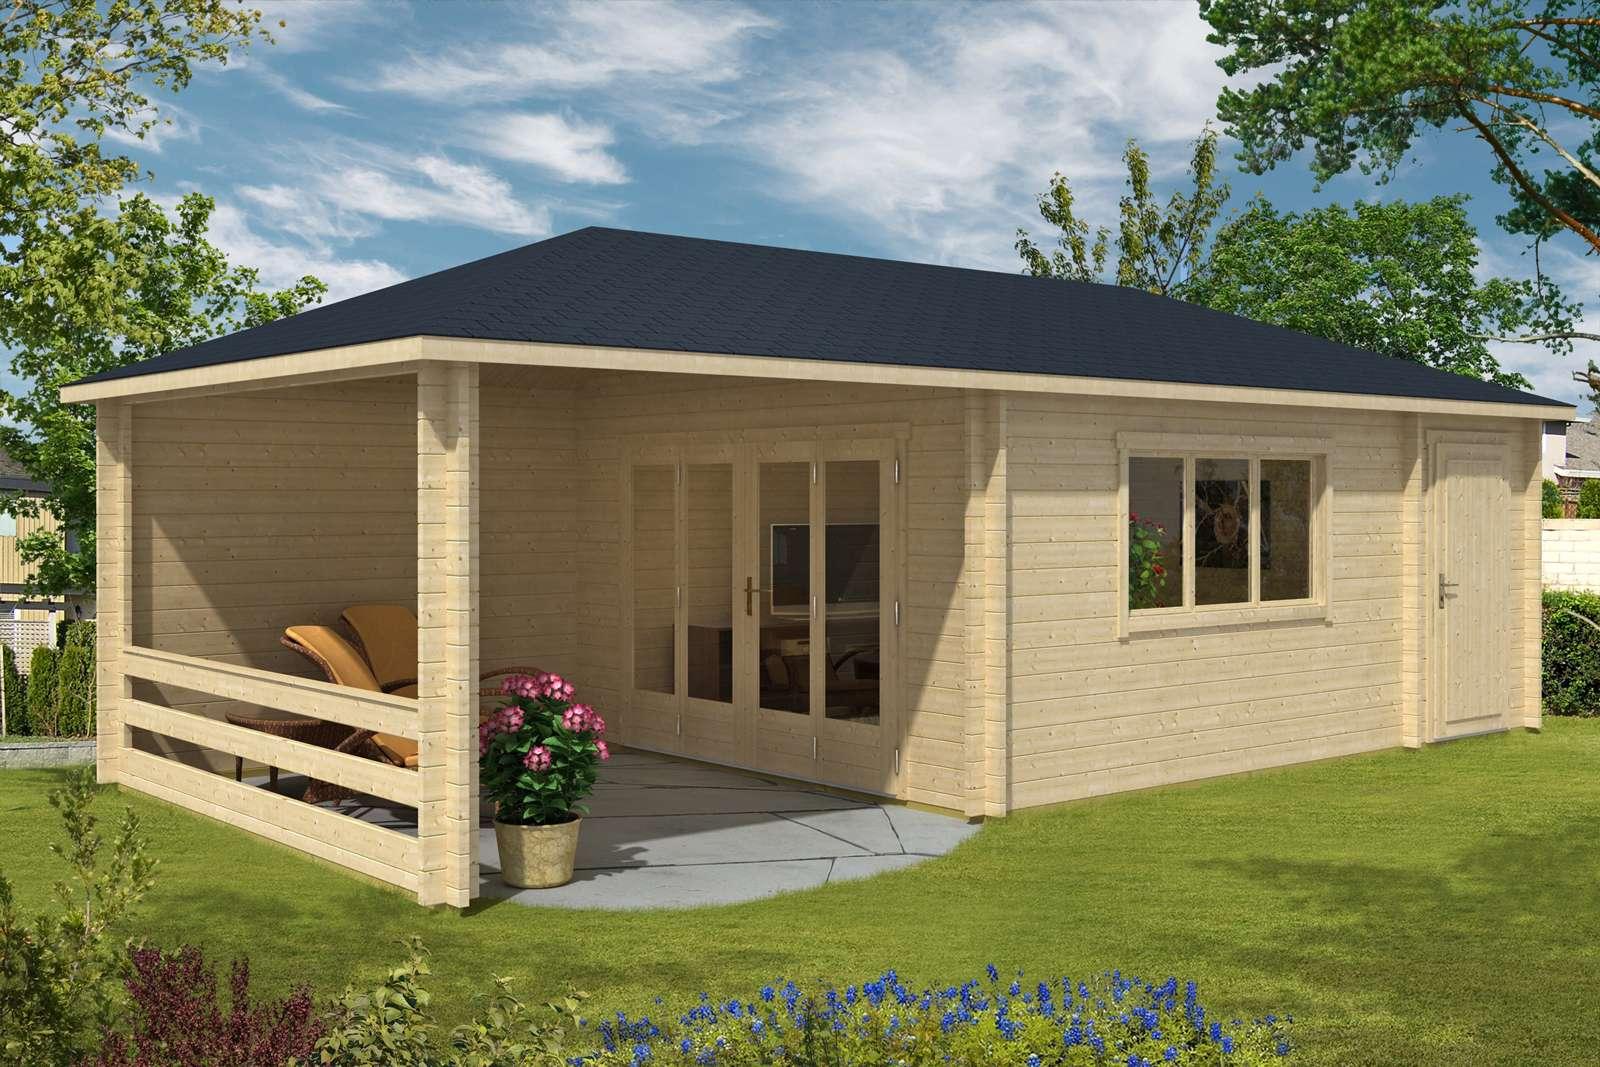 gartenhaus anbau affordable anbau flachdach holz. Black Bedroom Furniture Sets. Home Design Ideas